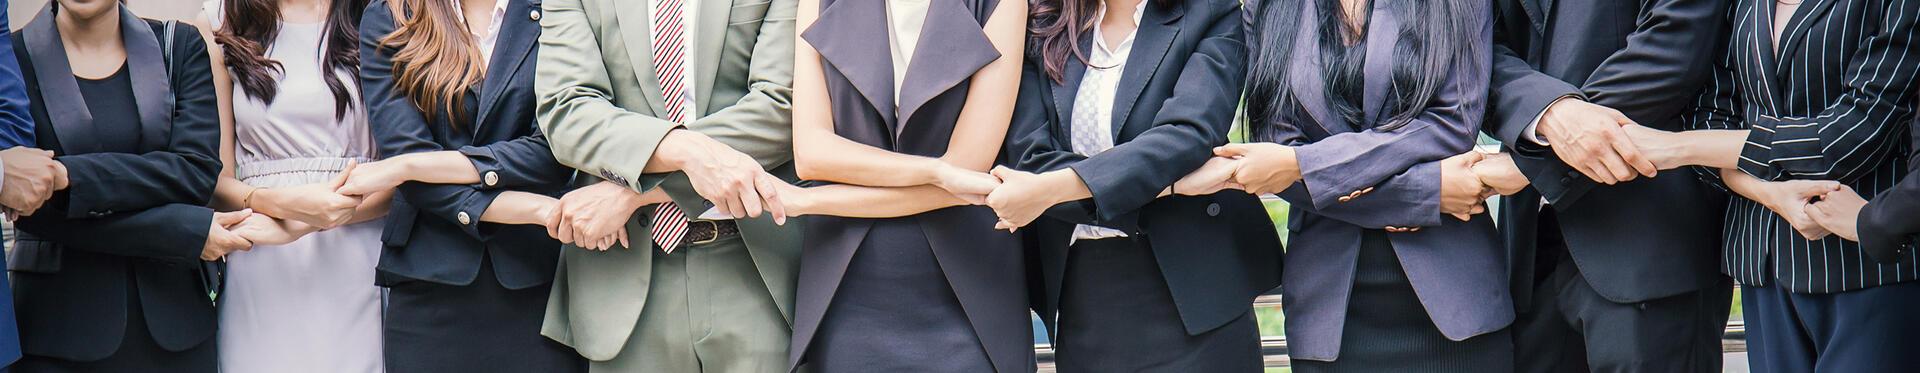 Ryhmä ihmisiä vierekkäin, jotka pitävät toisiaan kädestä kiinni